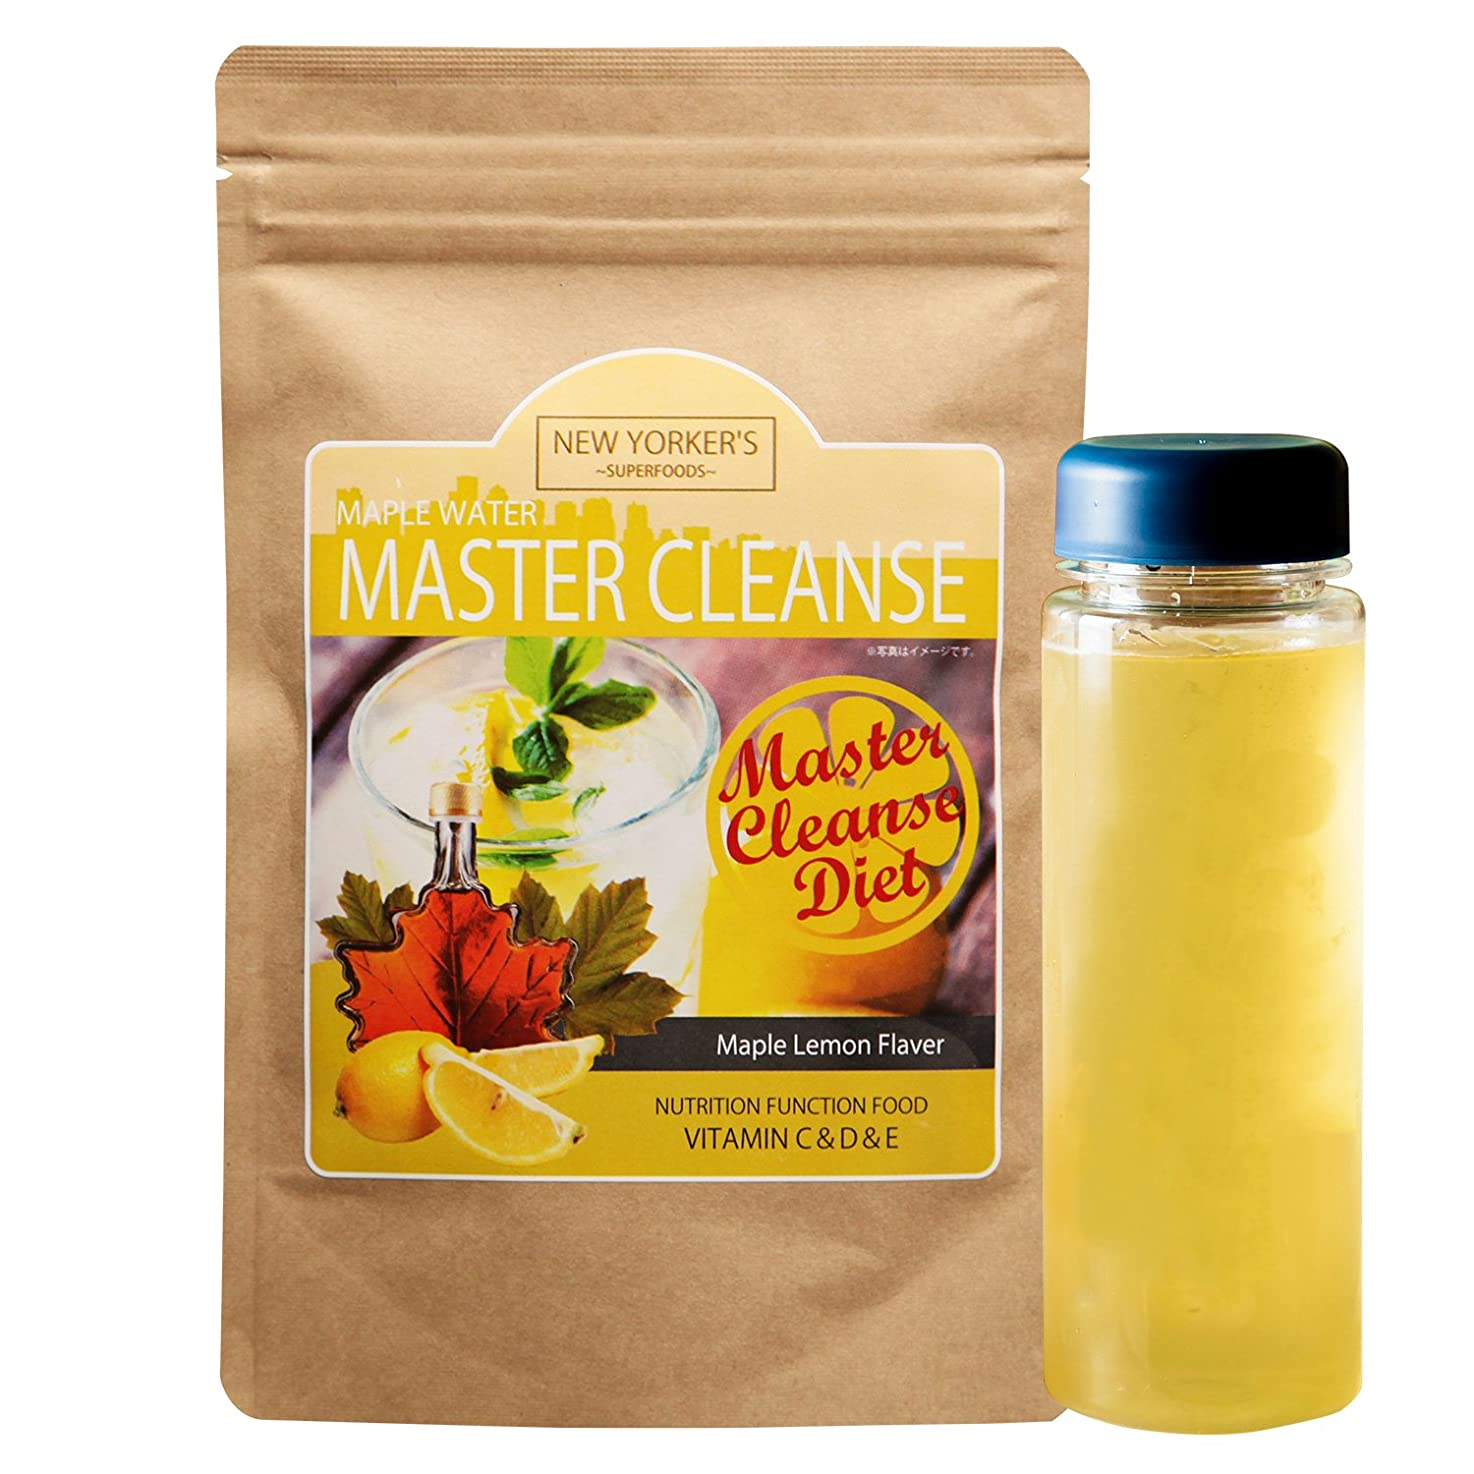 暴力的な慣れるフォーマルIDEA マスタークレンズダイエット メープルレモン味 ファスティングダイエット 5g×9包